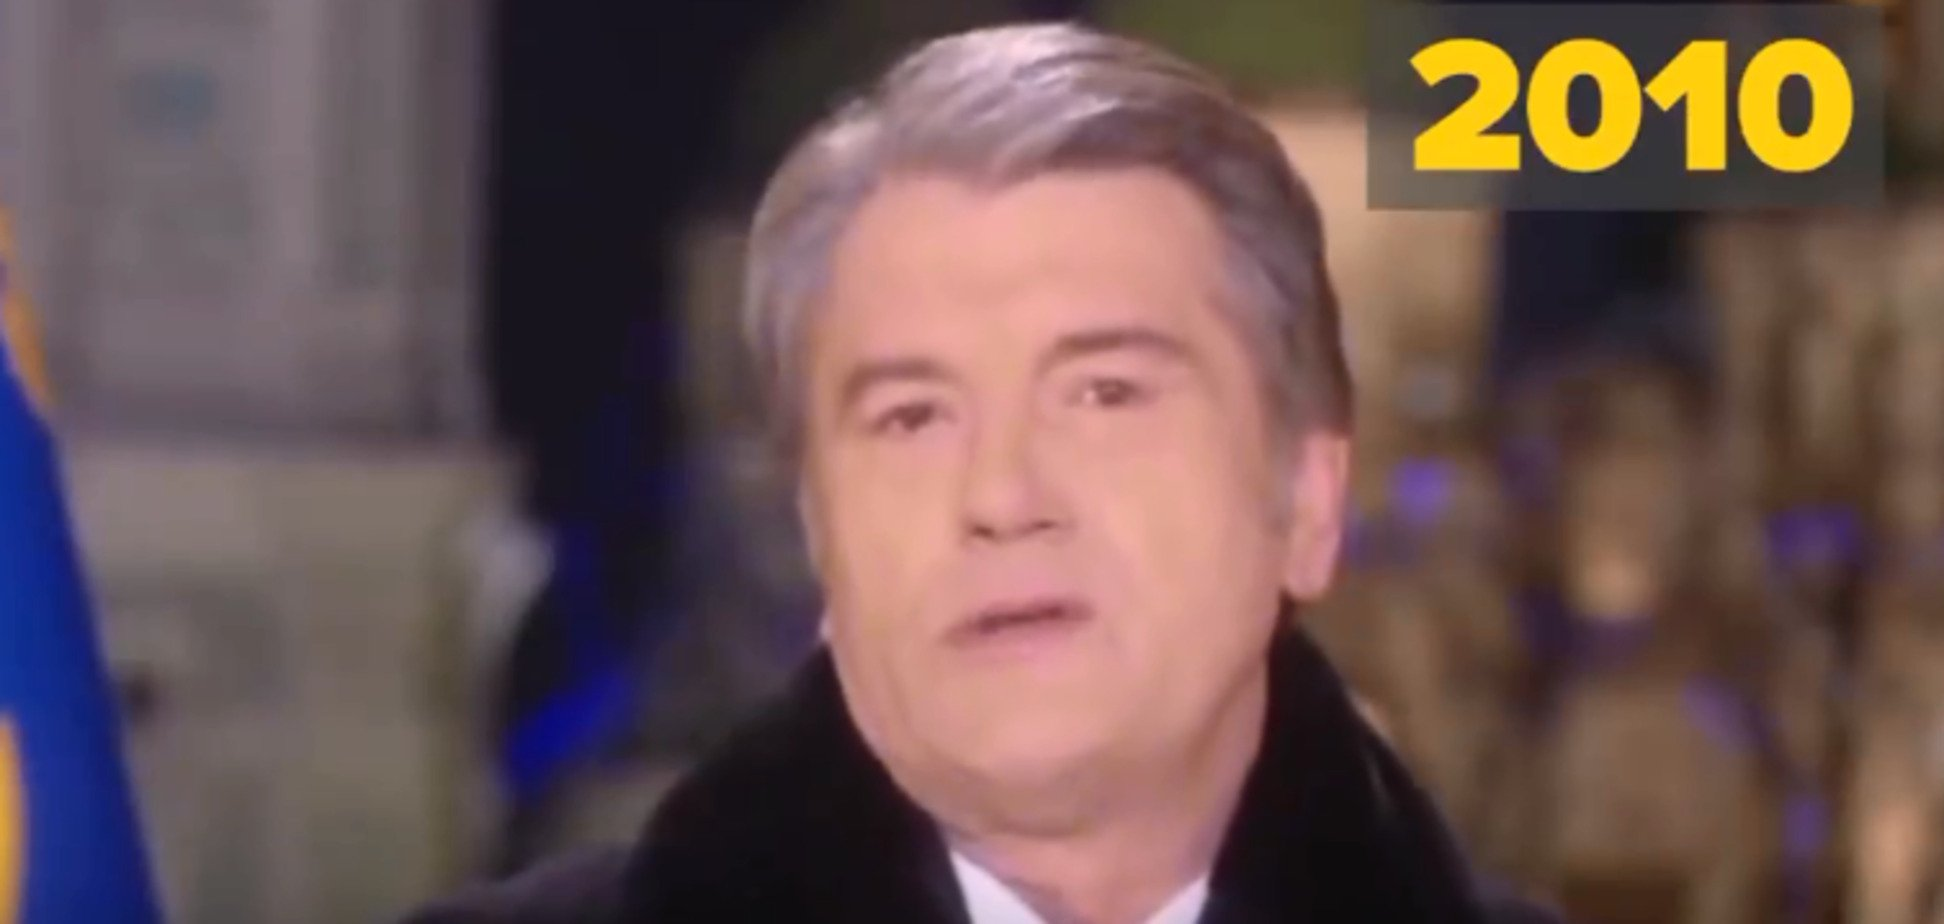 Найди 10 отличий: в сети всплыло смешное новогоднее видео с президентами Украины